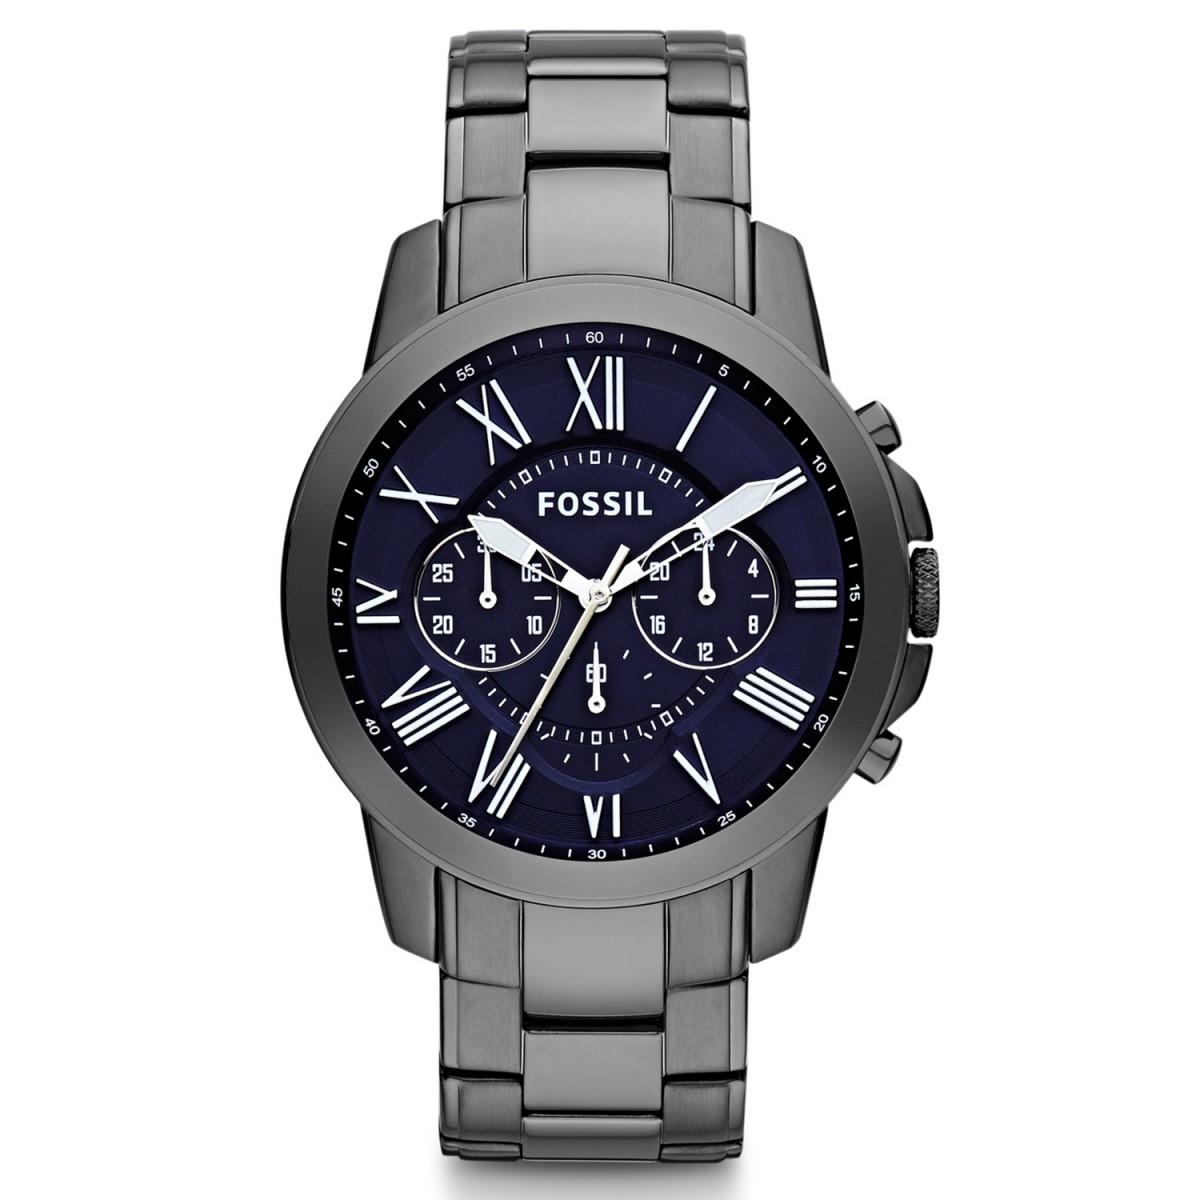 Compre Relógio Fossil Grant em 10X   Tri-Jóia Shop 2a1718fc42